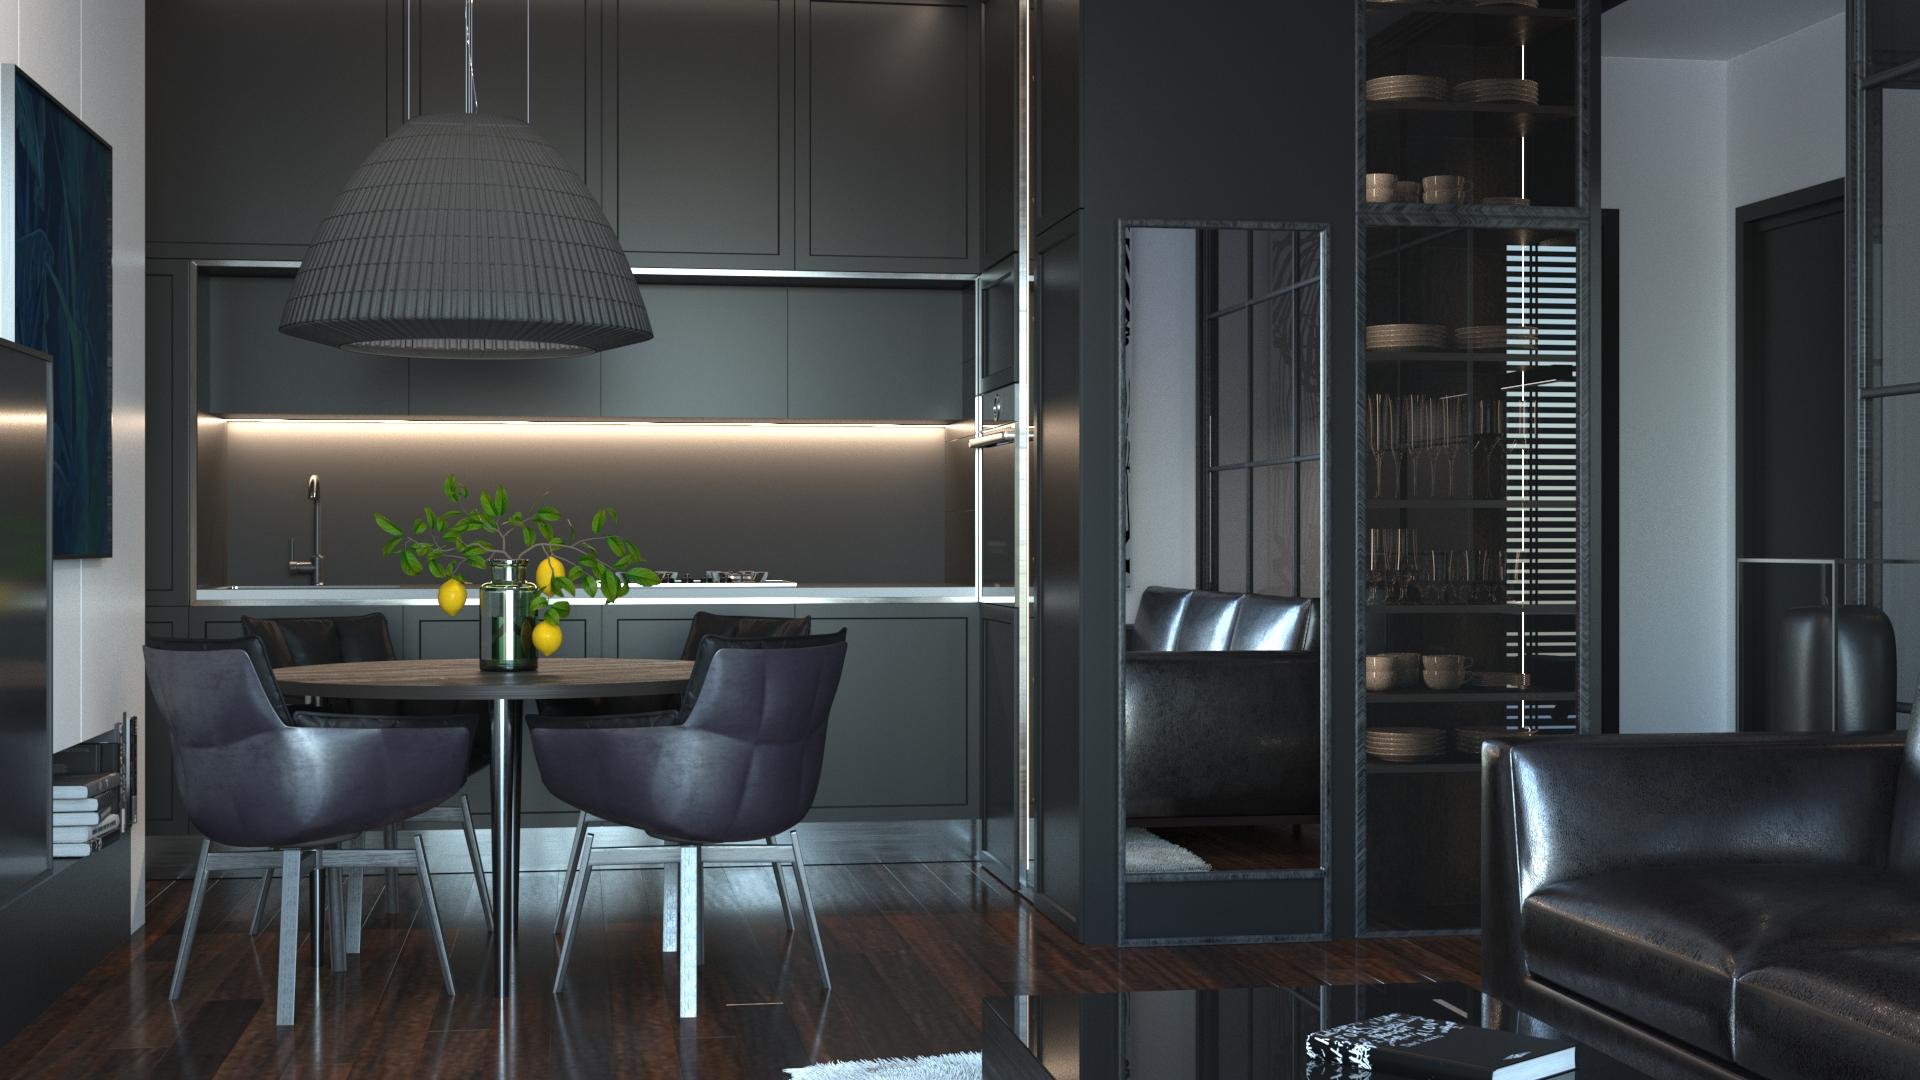 wizualizacja salonu z kuchnią